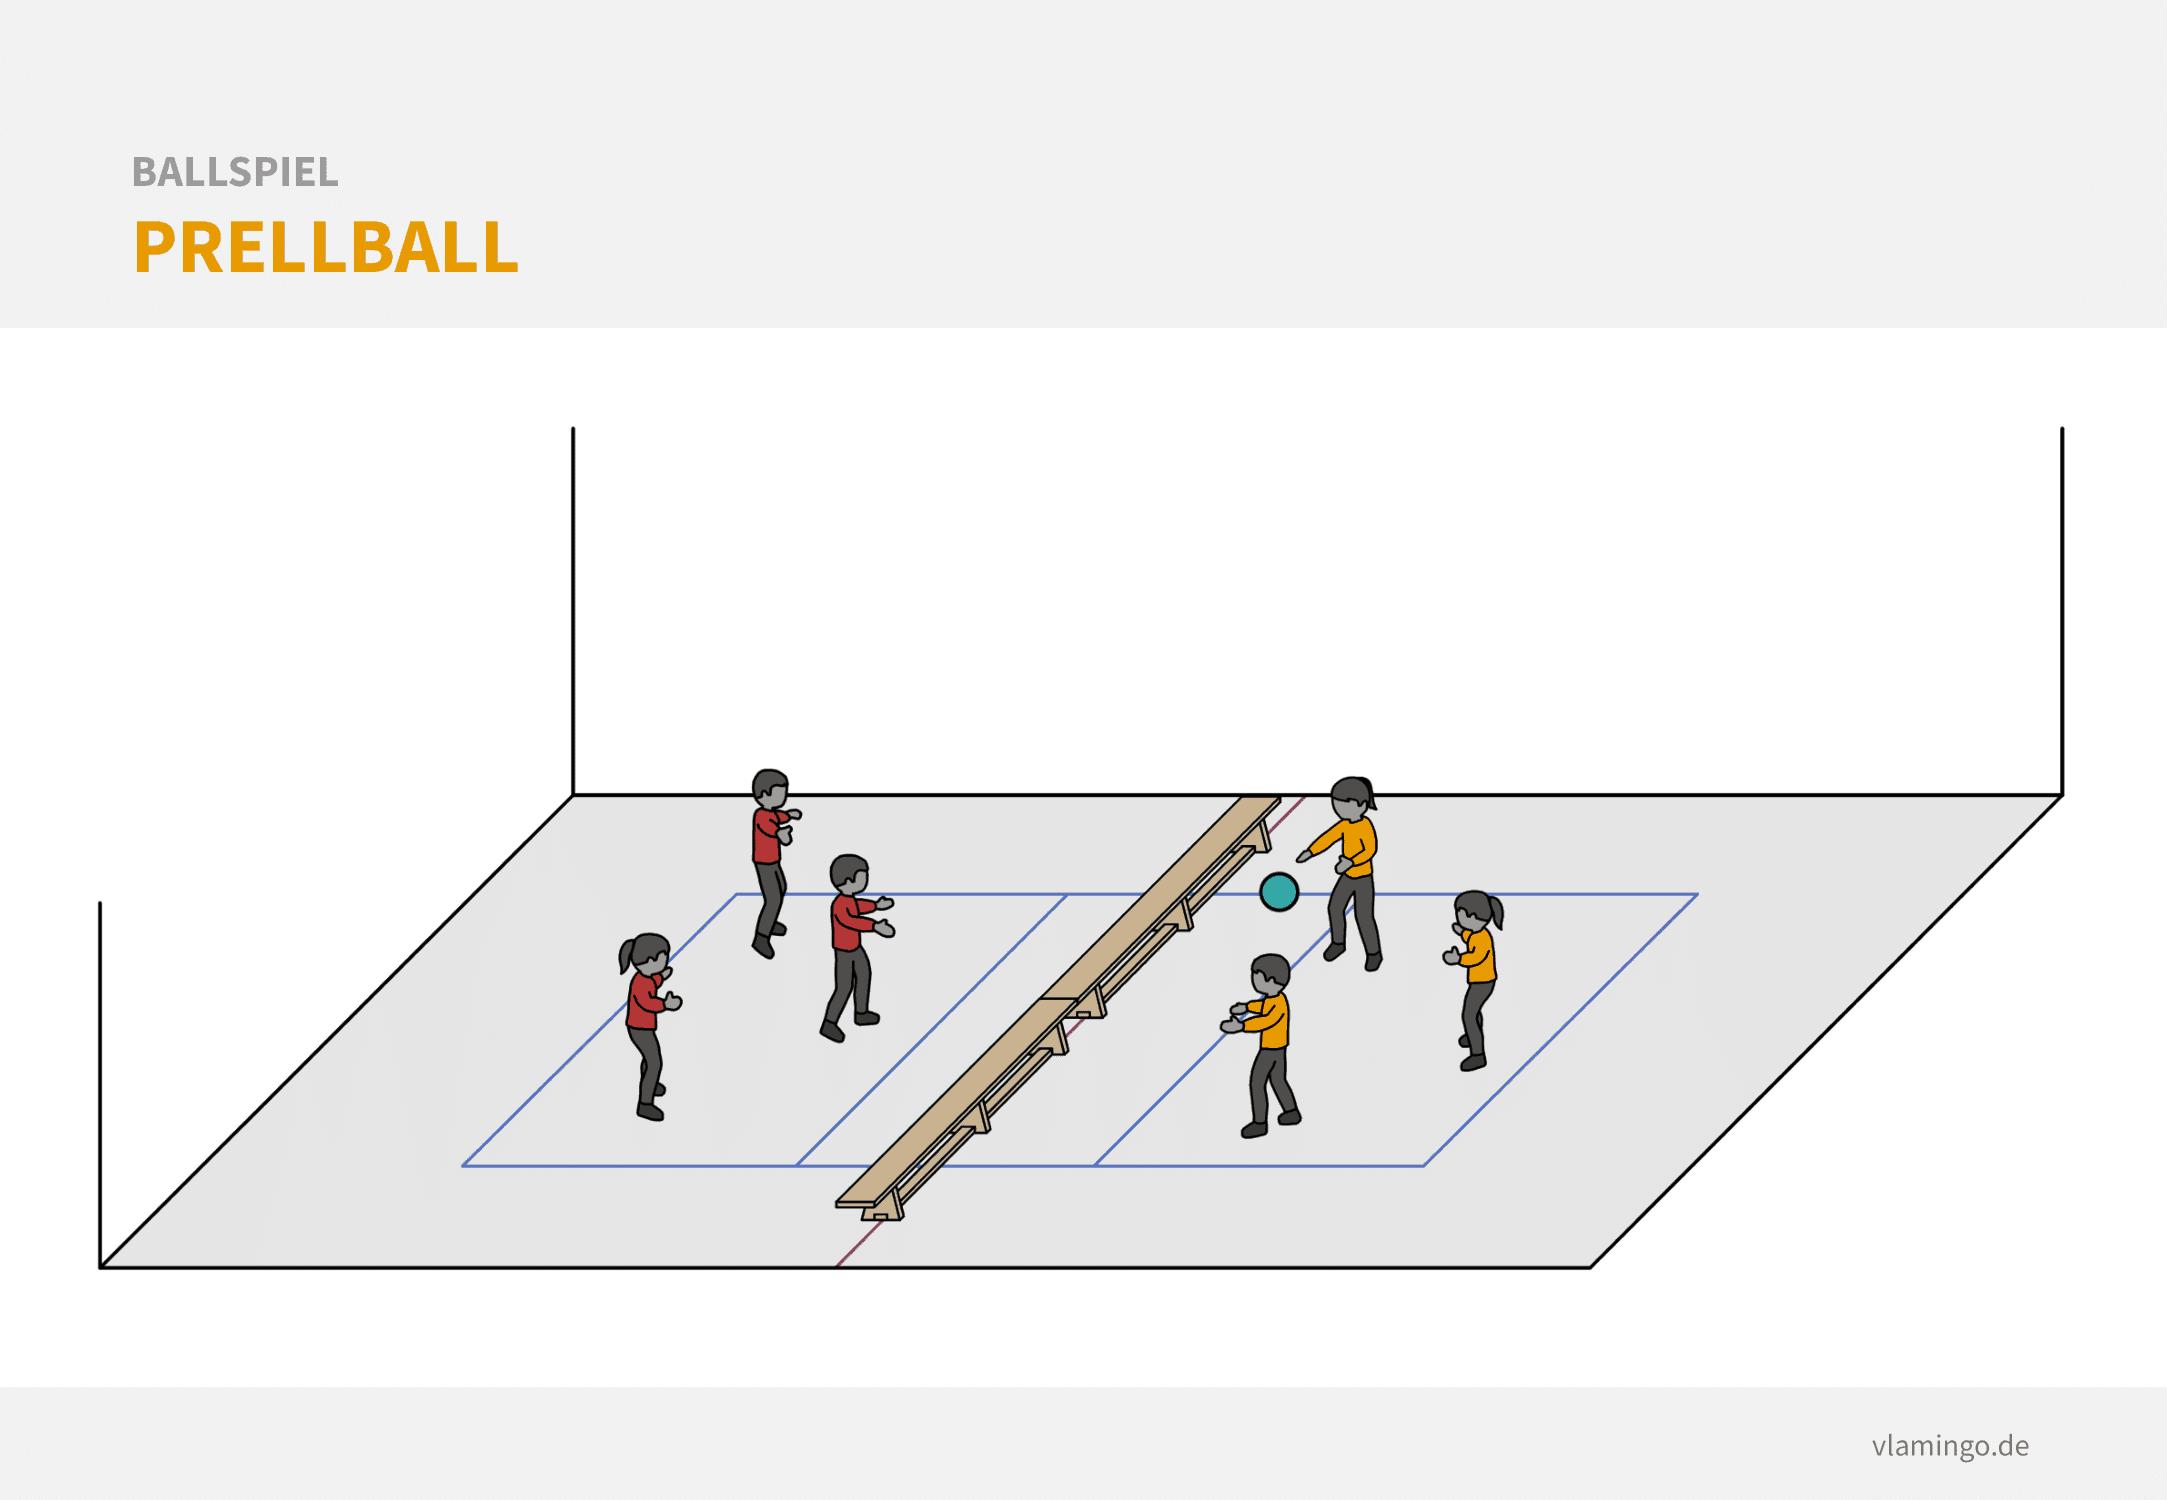 Ballspiel: Prellball